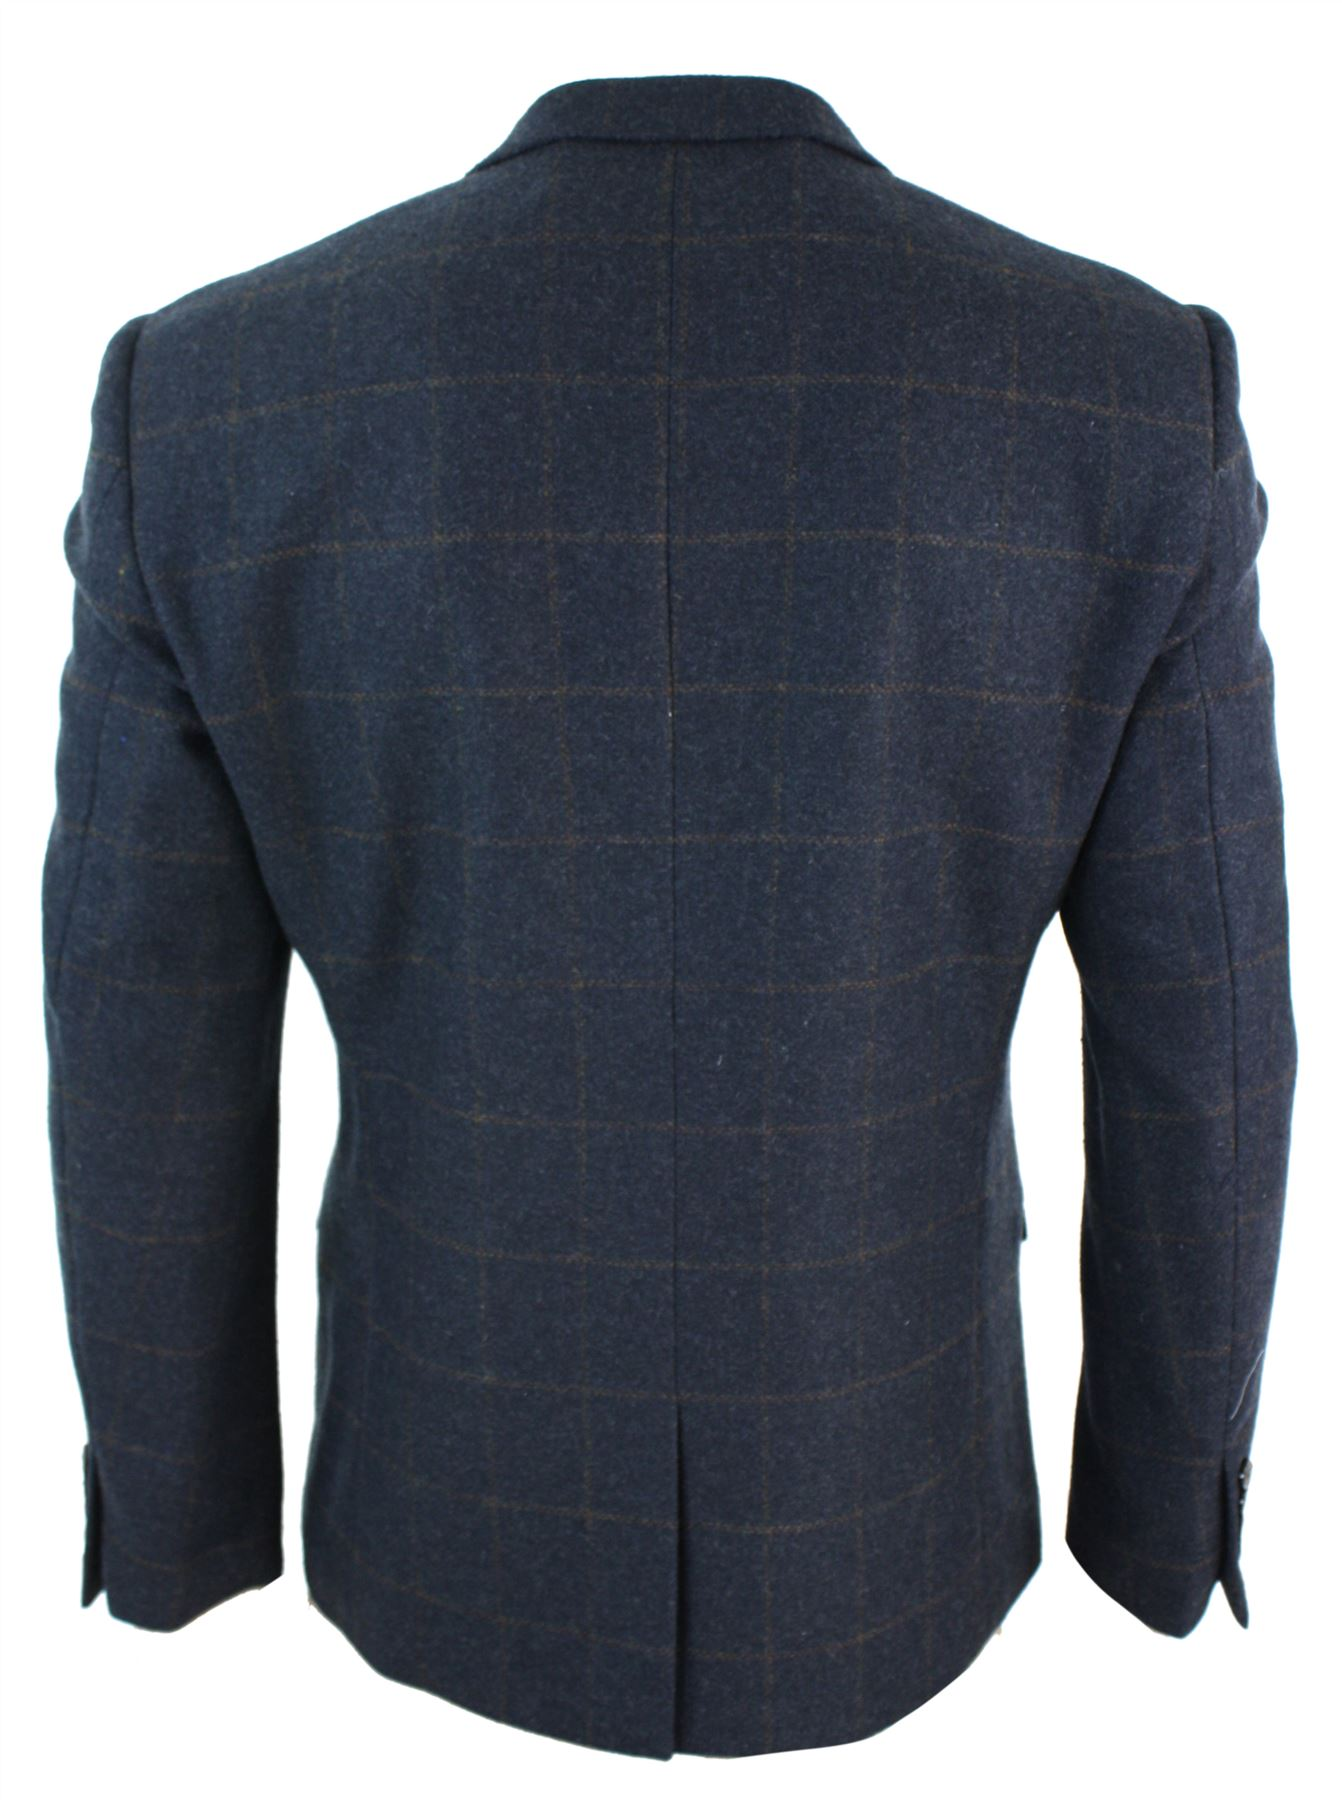 Veste homme tweed chevrons coupe cintr e vintage chic d contract ebay - Veste homme decontracte ...